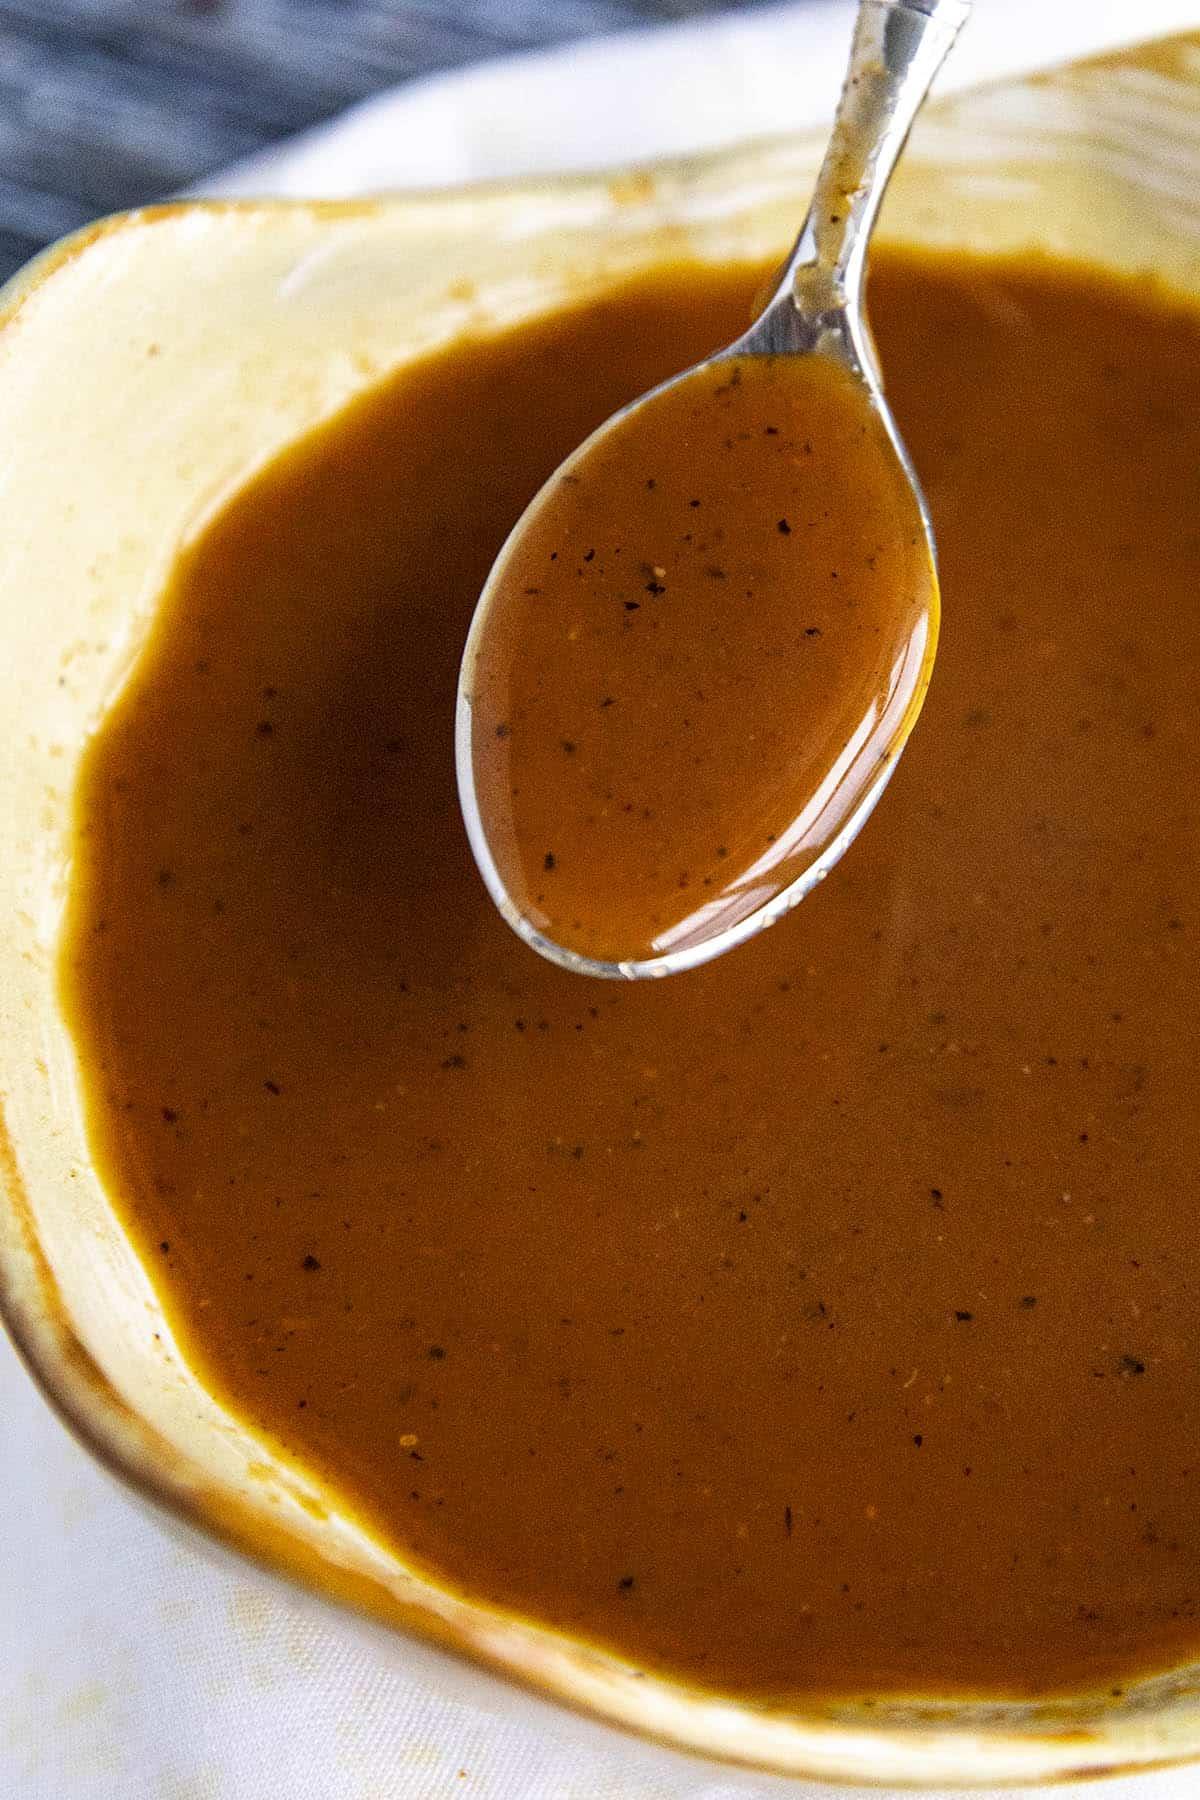 Tonkatsu Sauce on a spoon